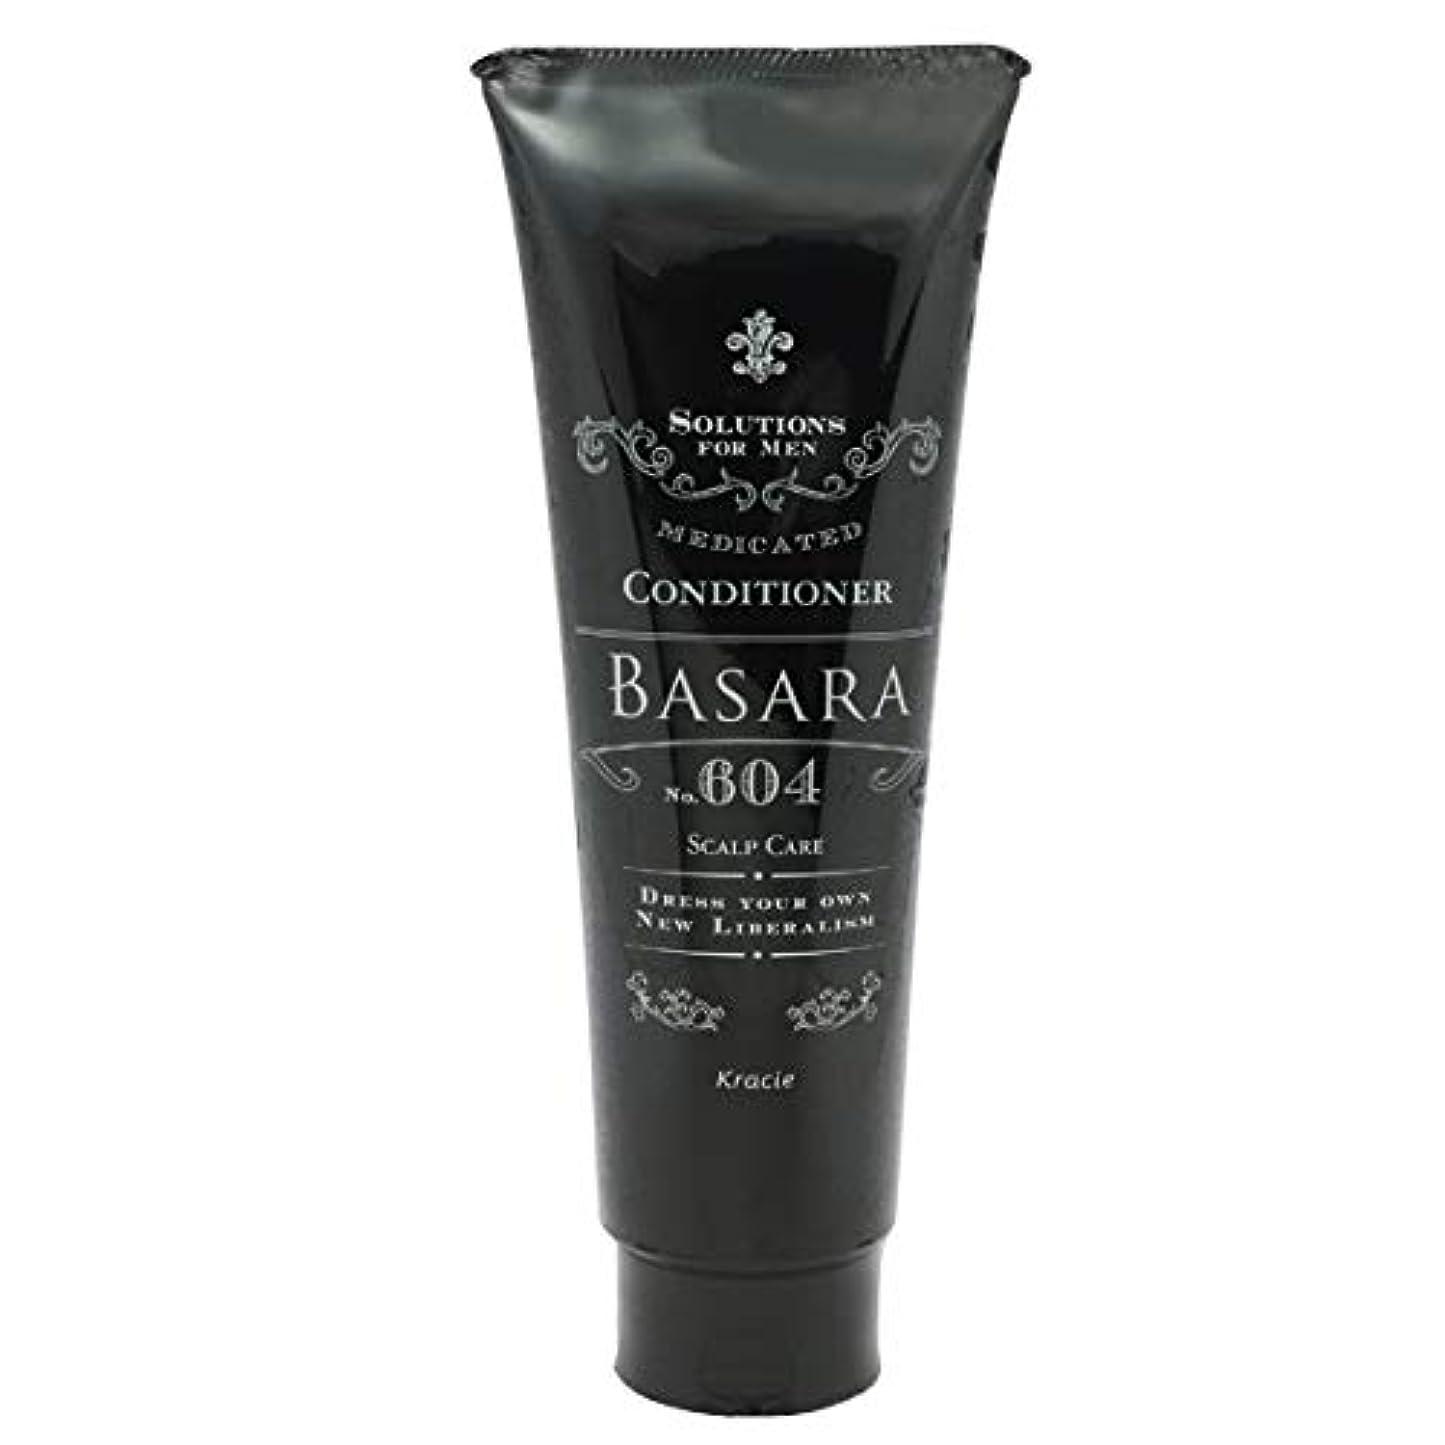 置換ハミングバード本物のサロンモード(Salon Mode) クラシエ バサラ 薬用スカルプ コンディショナー 604 250g